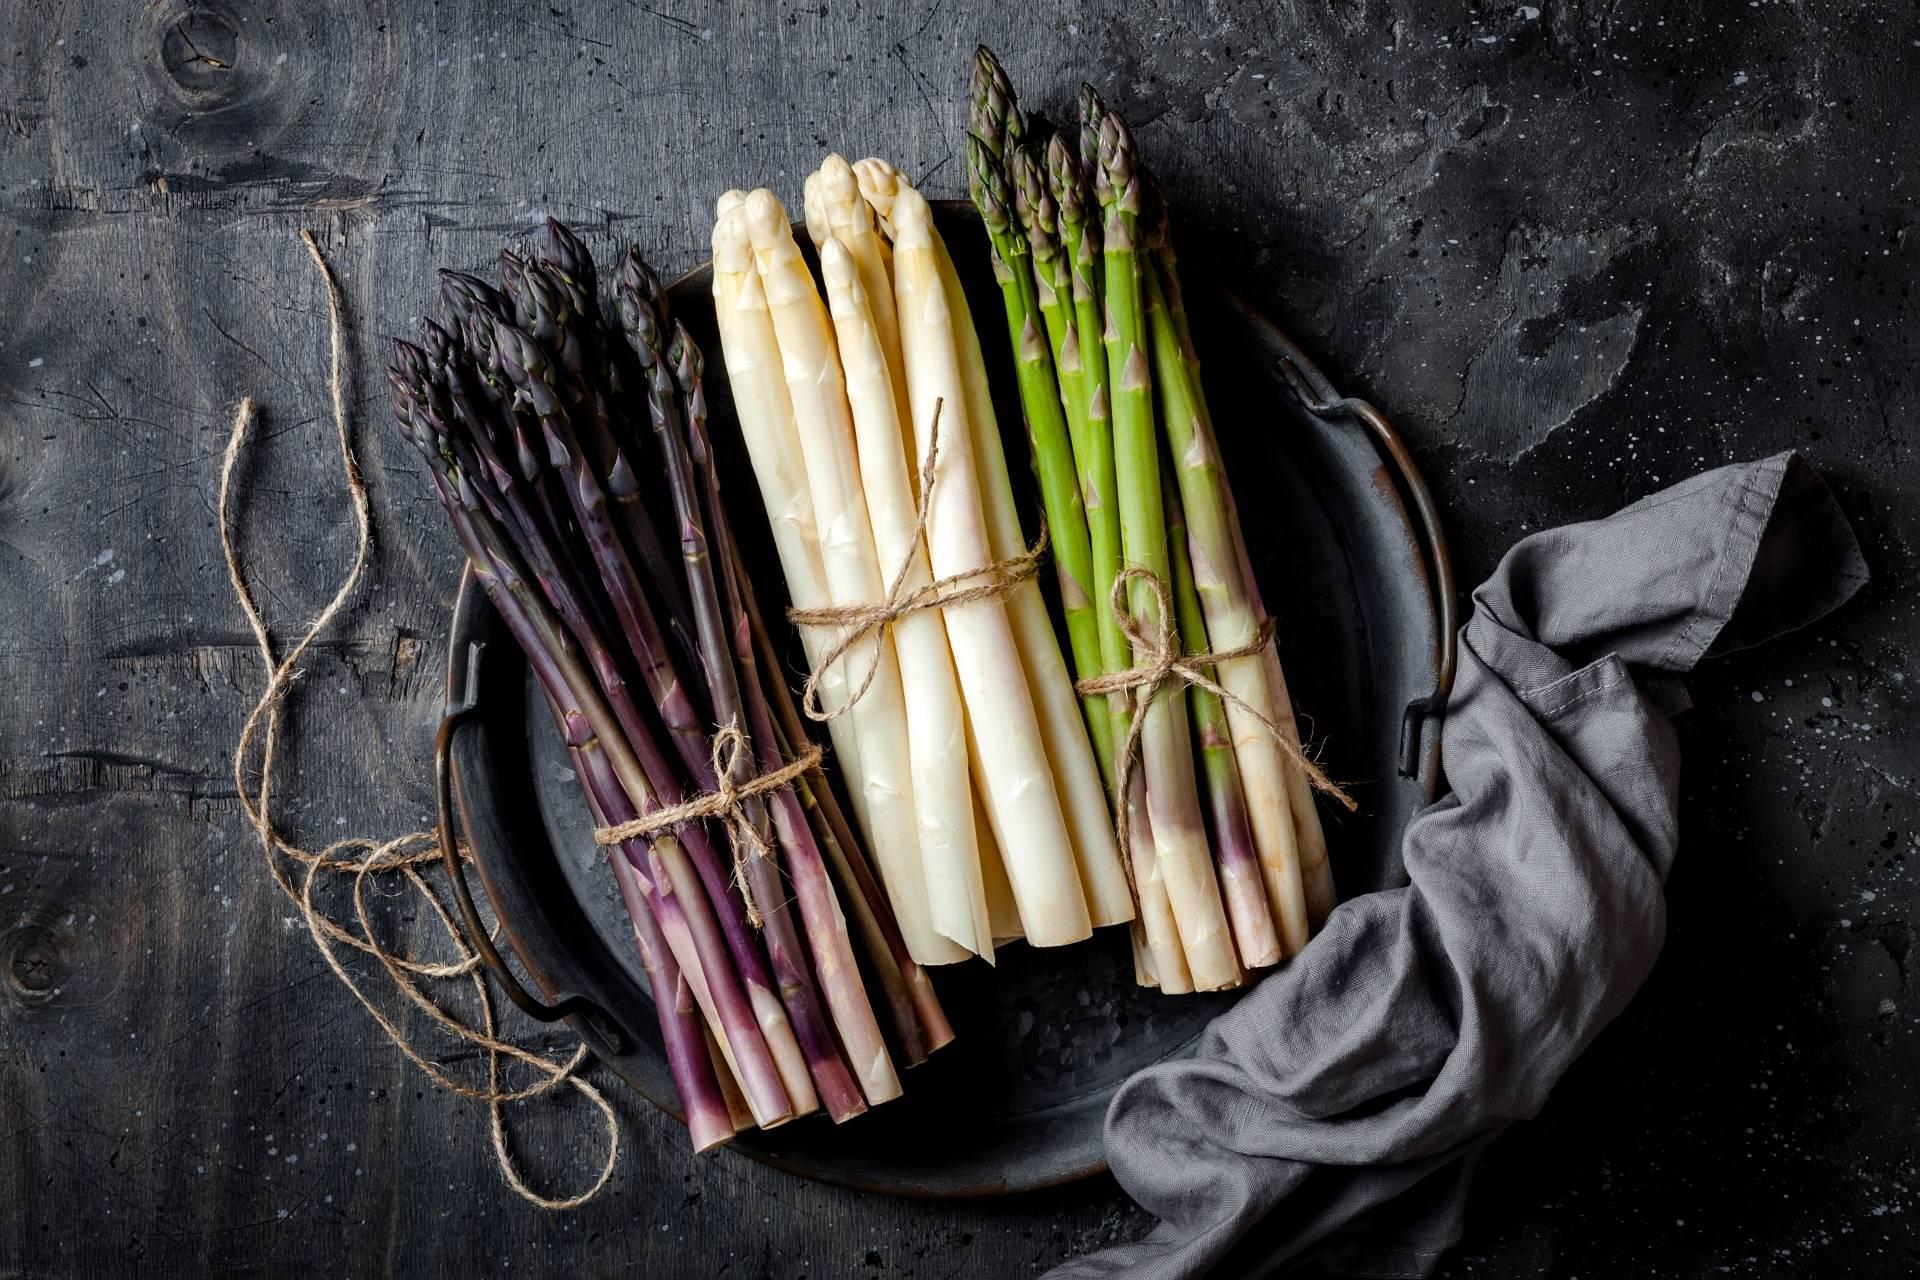 Szparagi zielone, białe i fioletowe - które najlepsze?